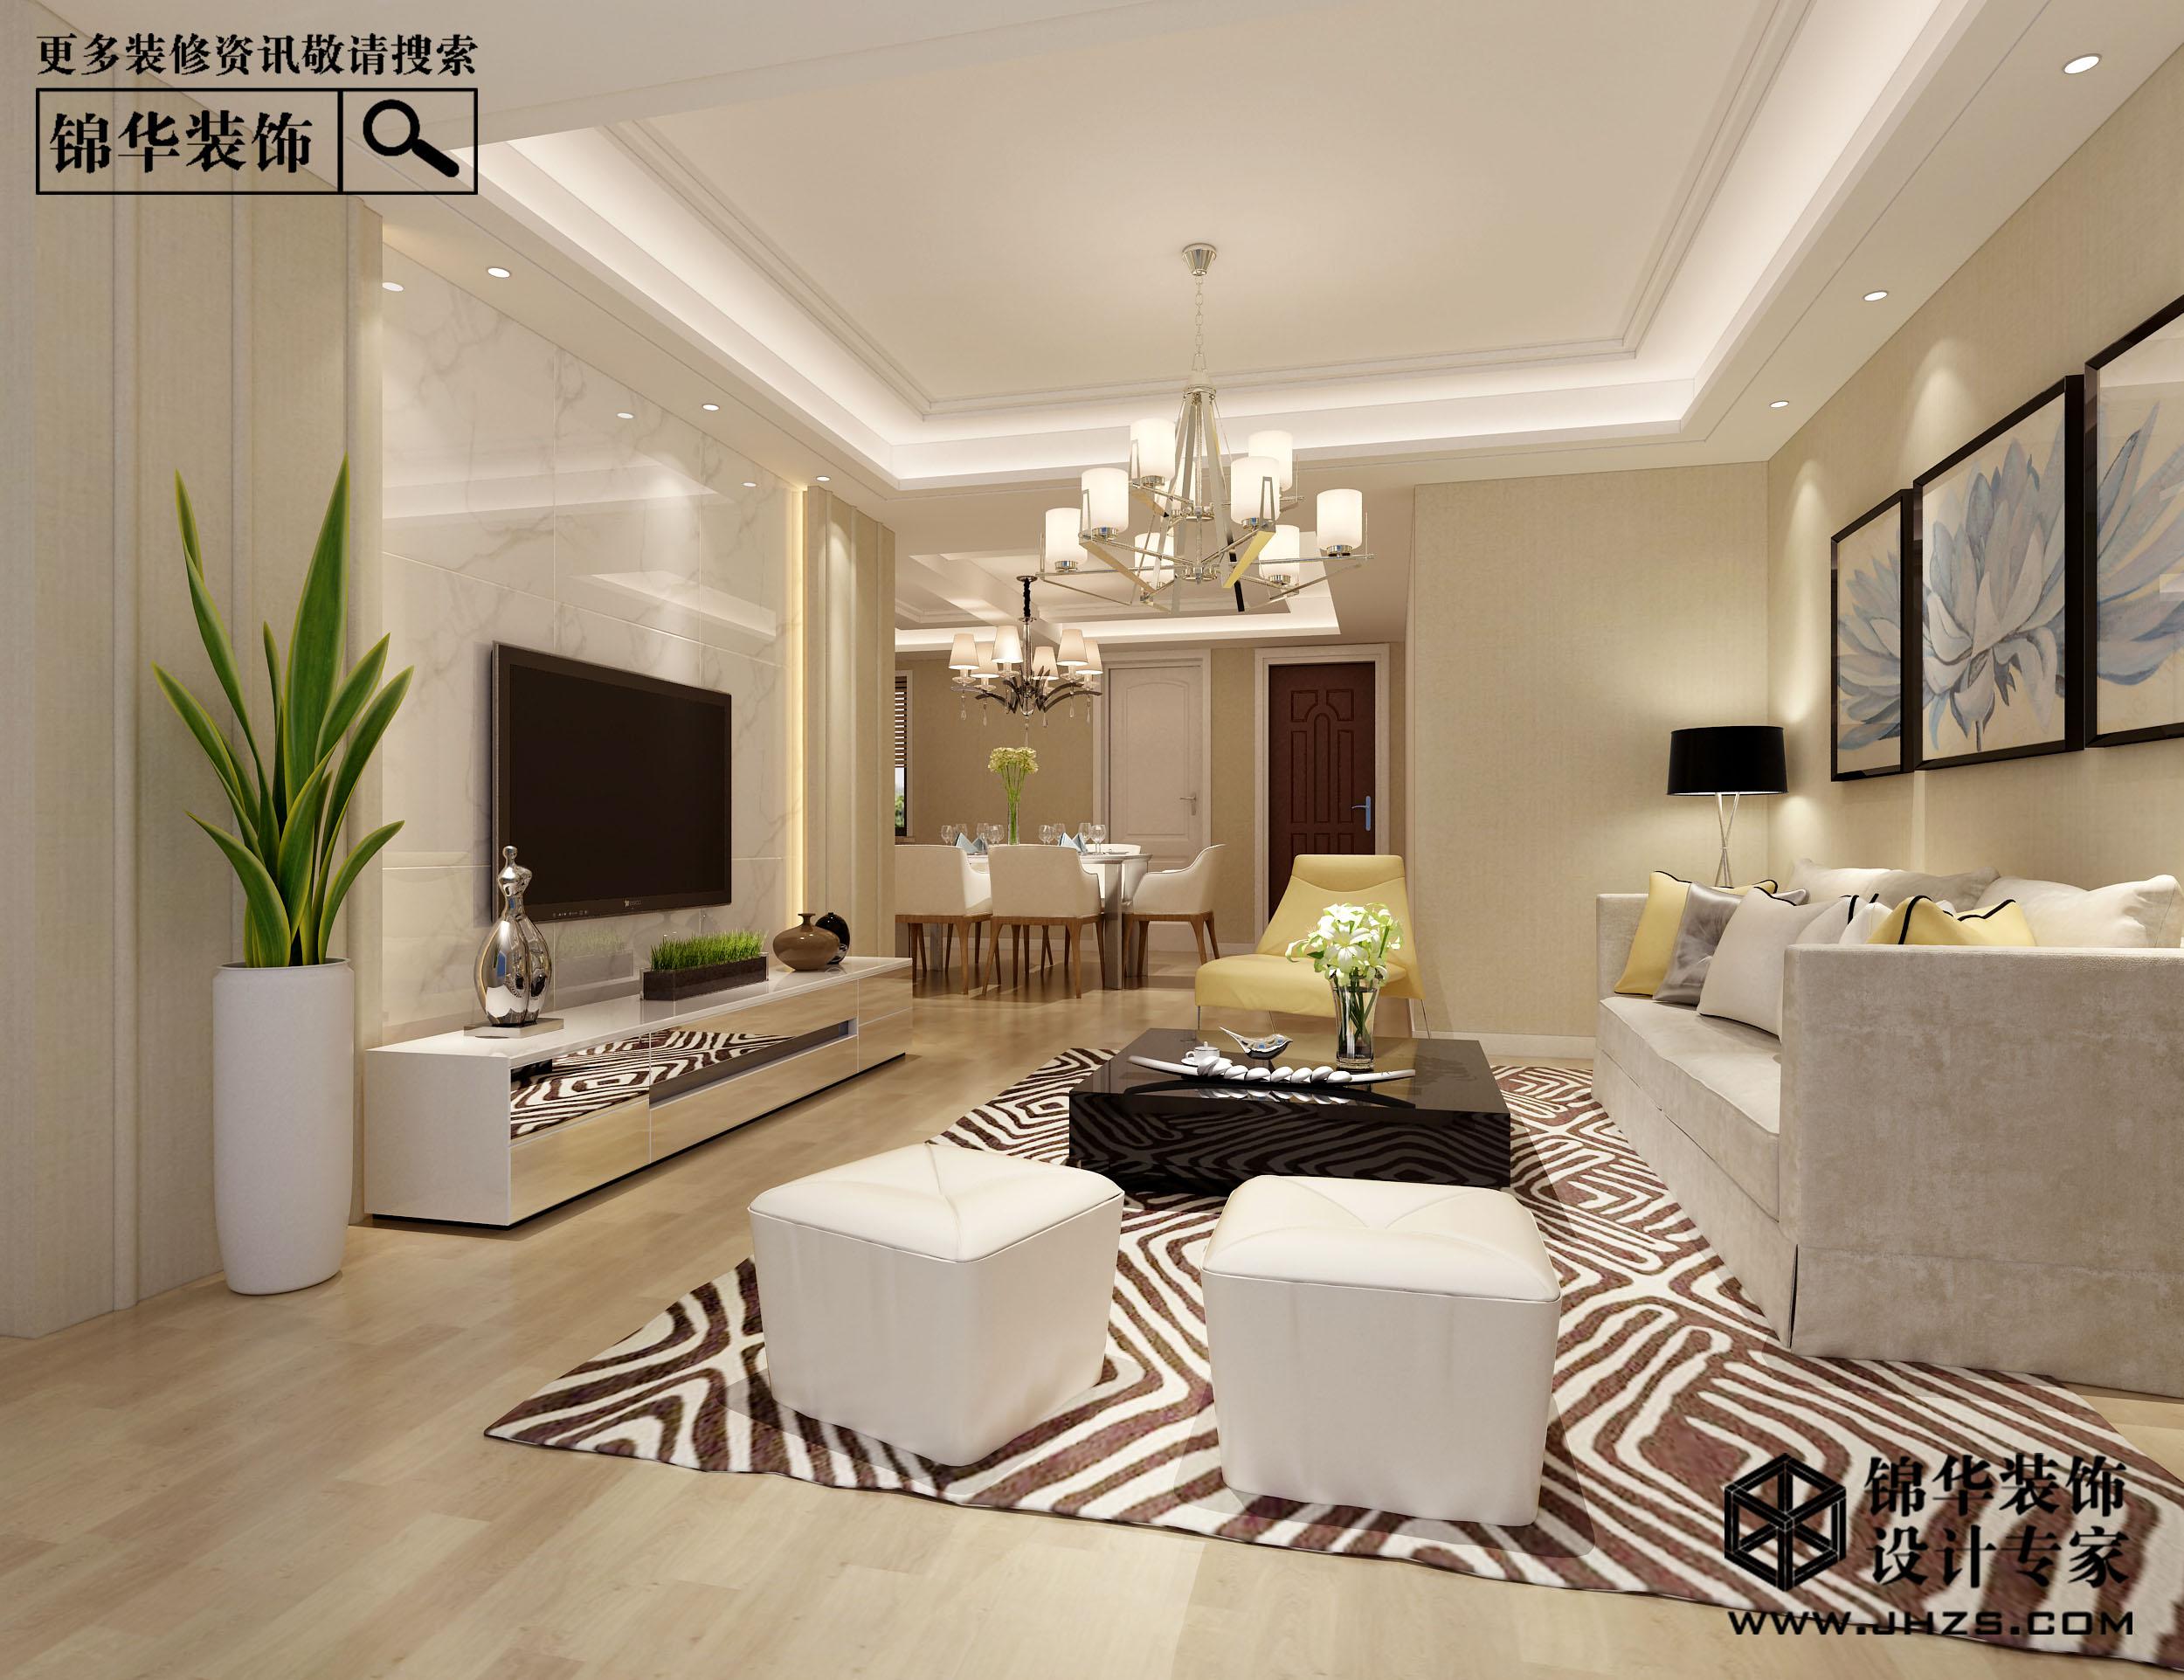 溧阳金峰新城126平现代风格效果图